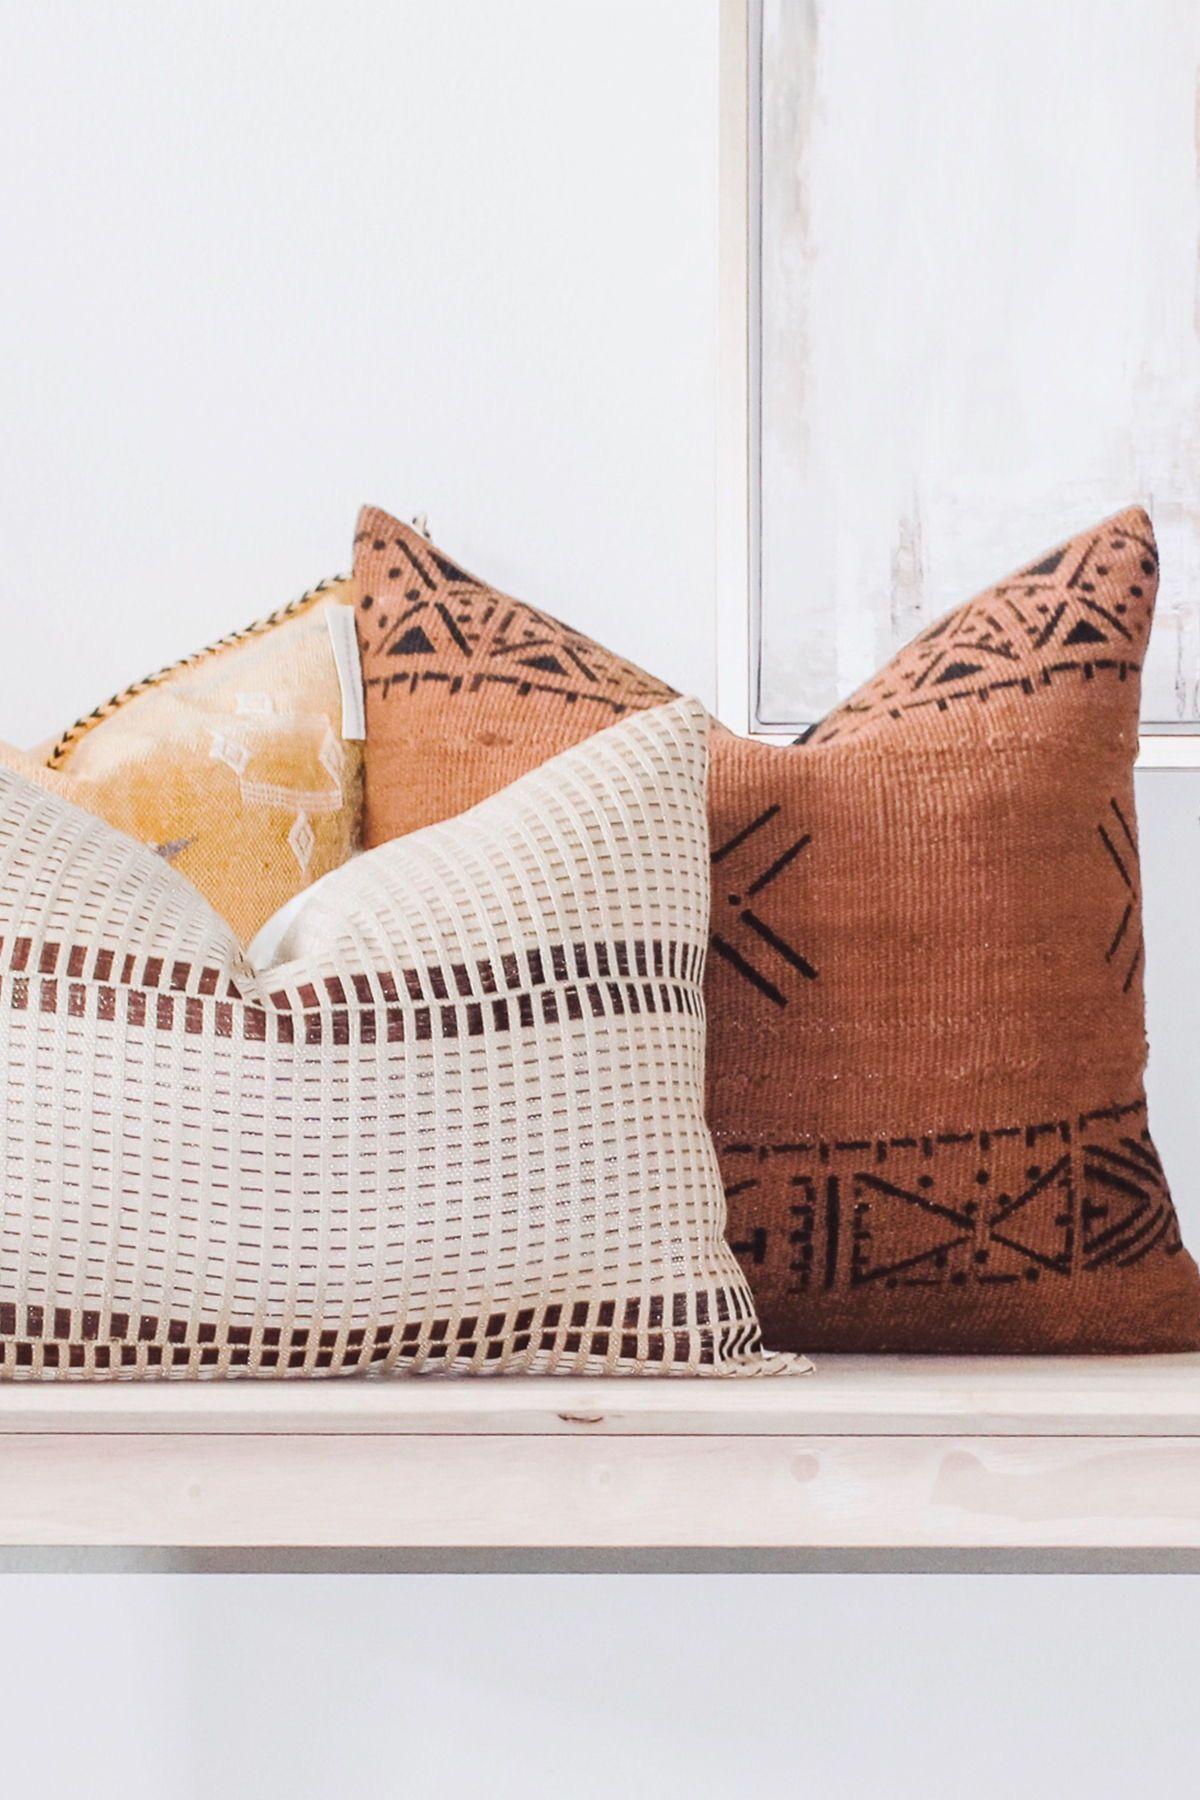 African Handwoven Textured Lumbar Throw Pillow Cover This Lumbar Throw Pillow Cover Is Made From An Ea Throw Pillows Lumbar Throw Pillow Neutral Throw Pillows